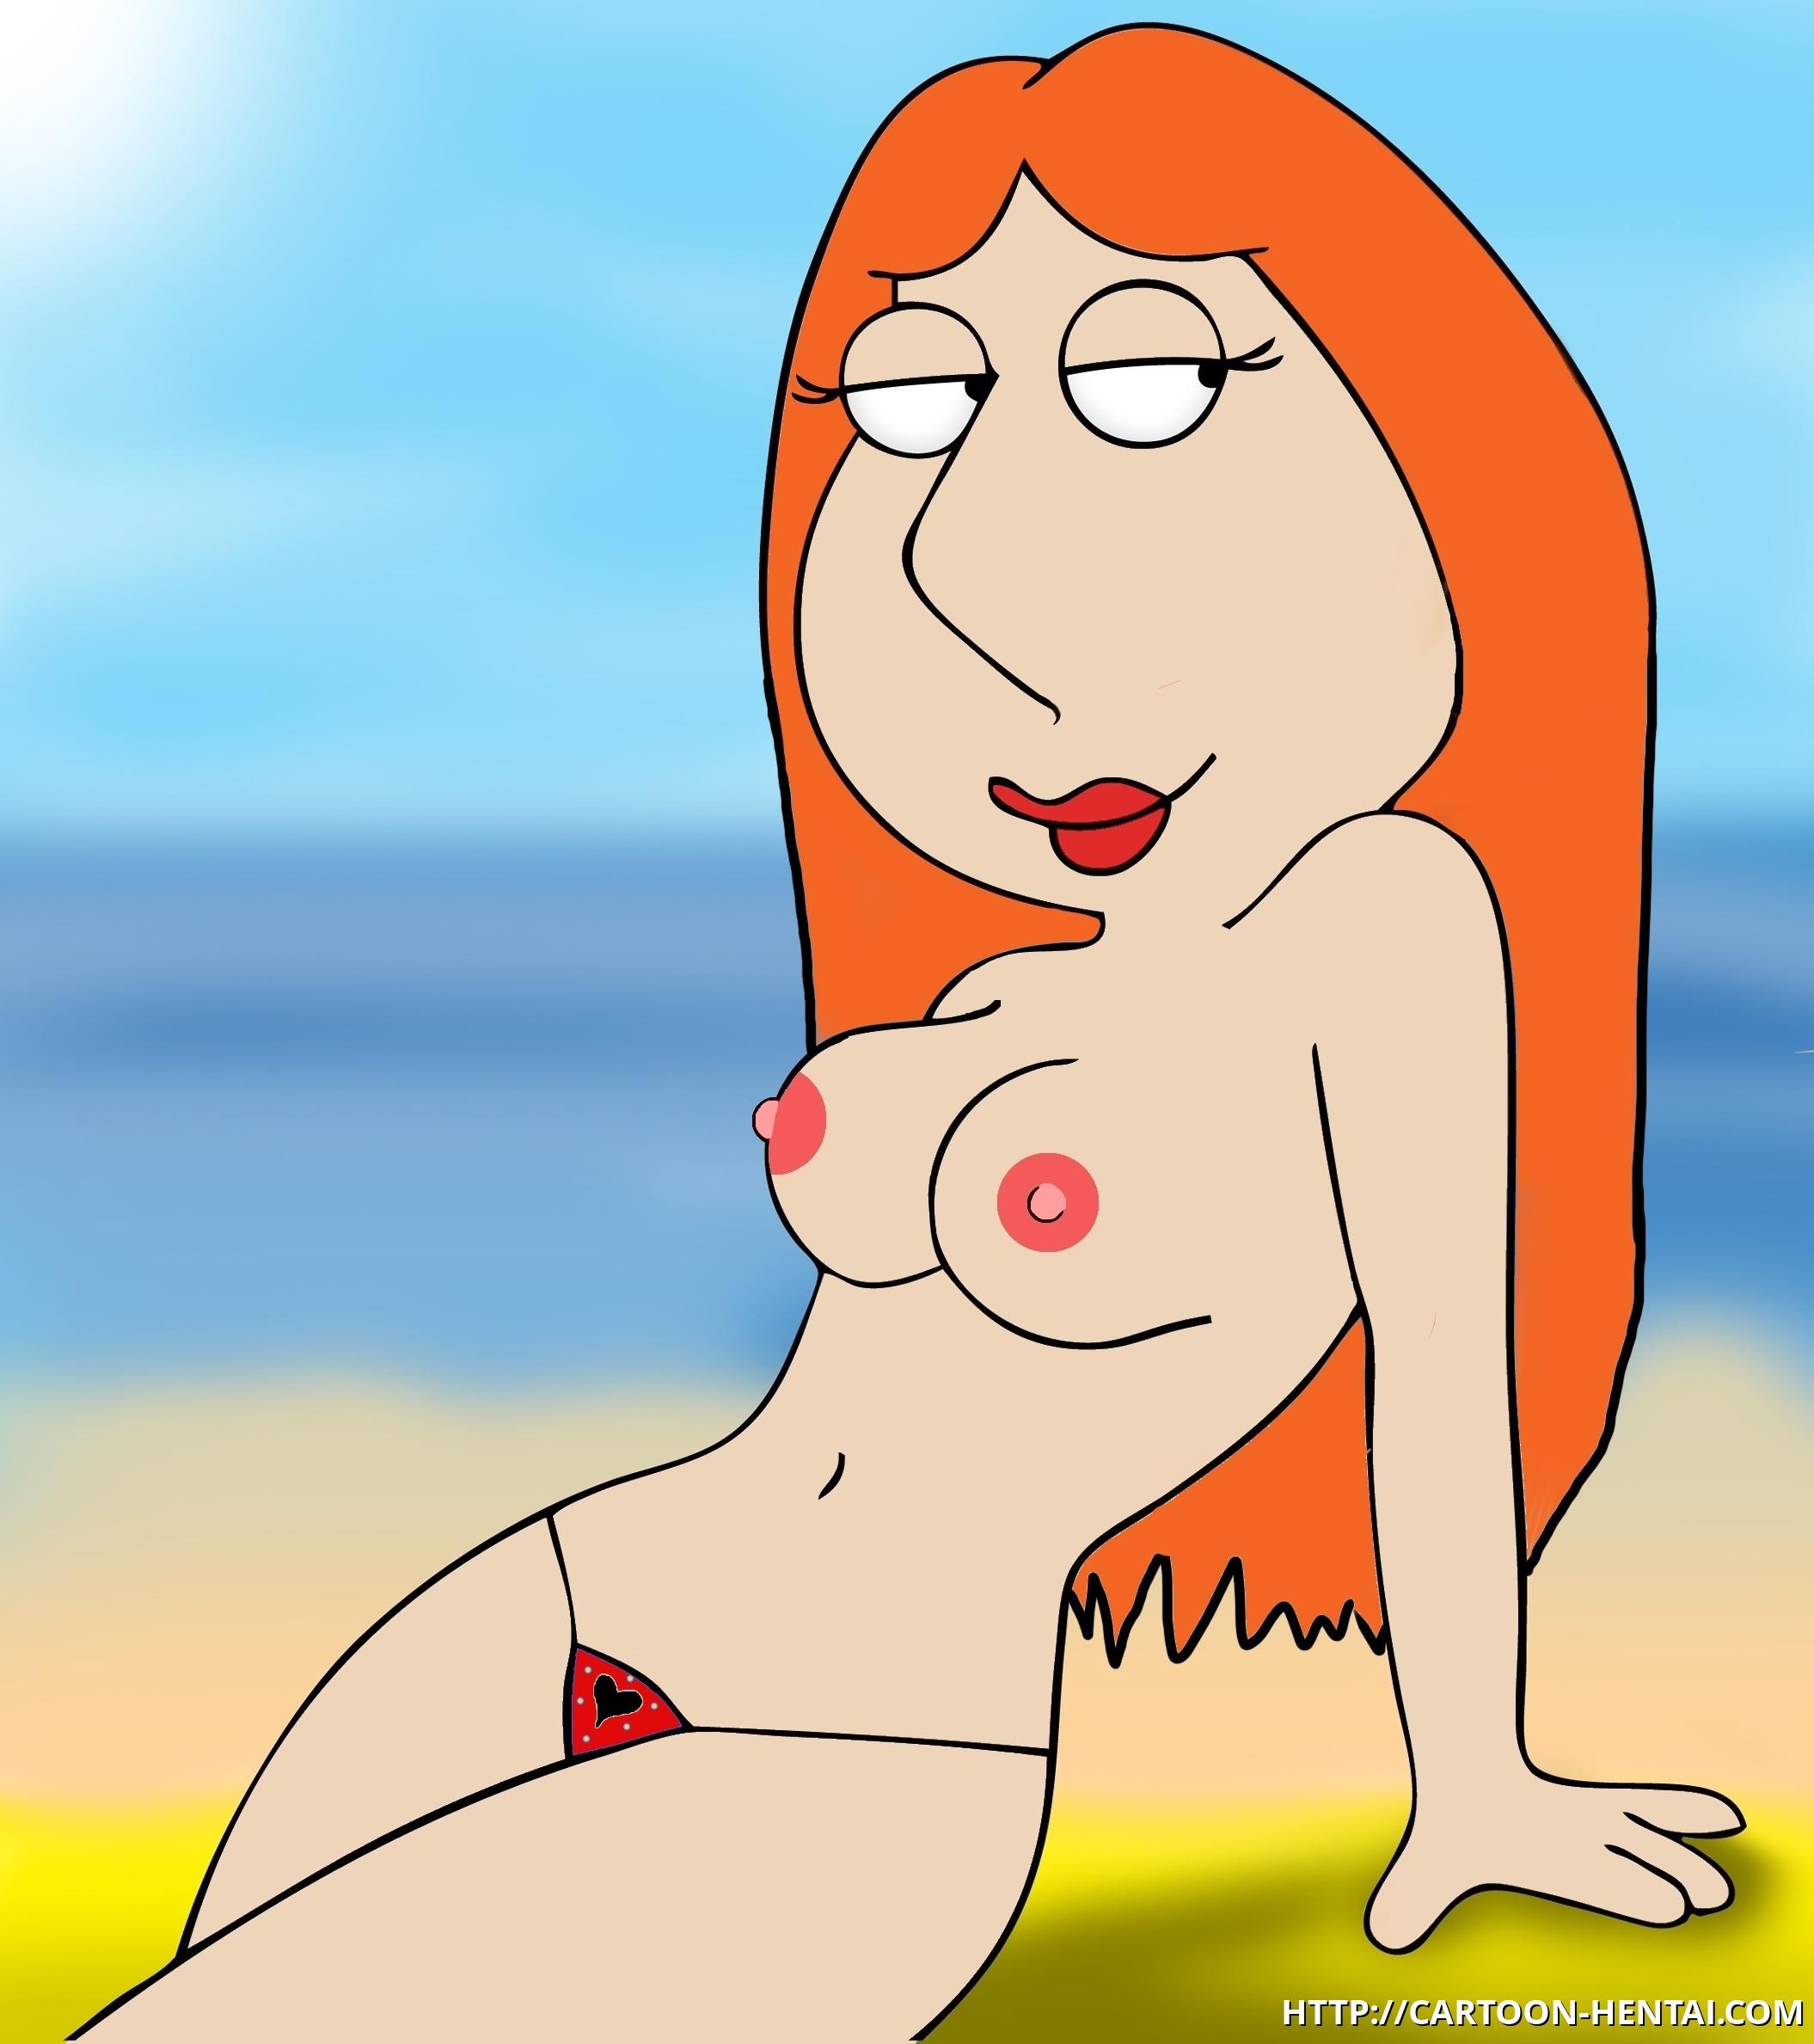 Brazil family nudist